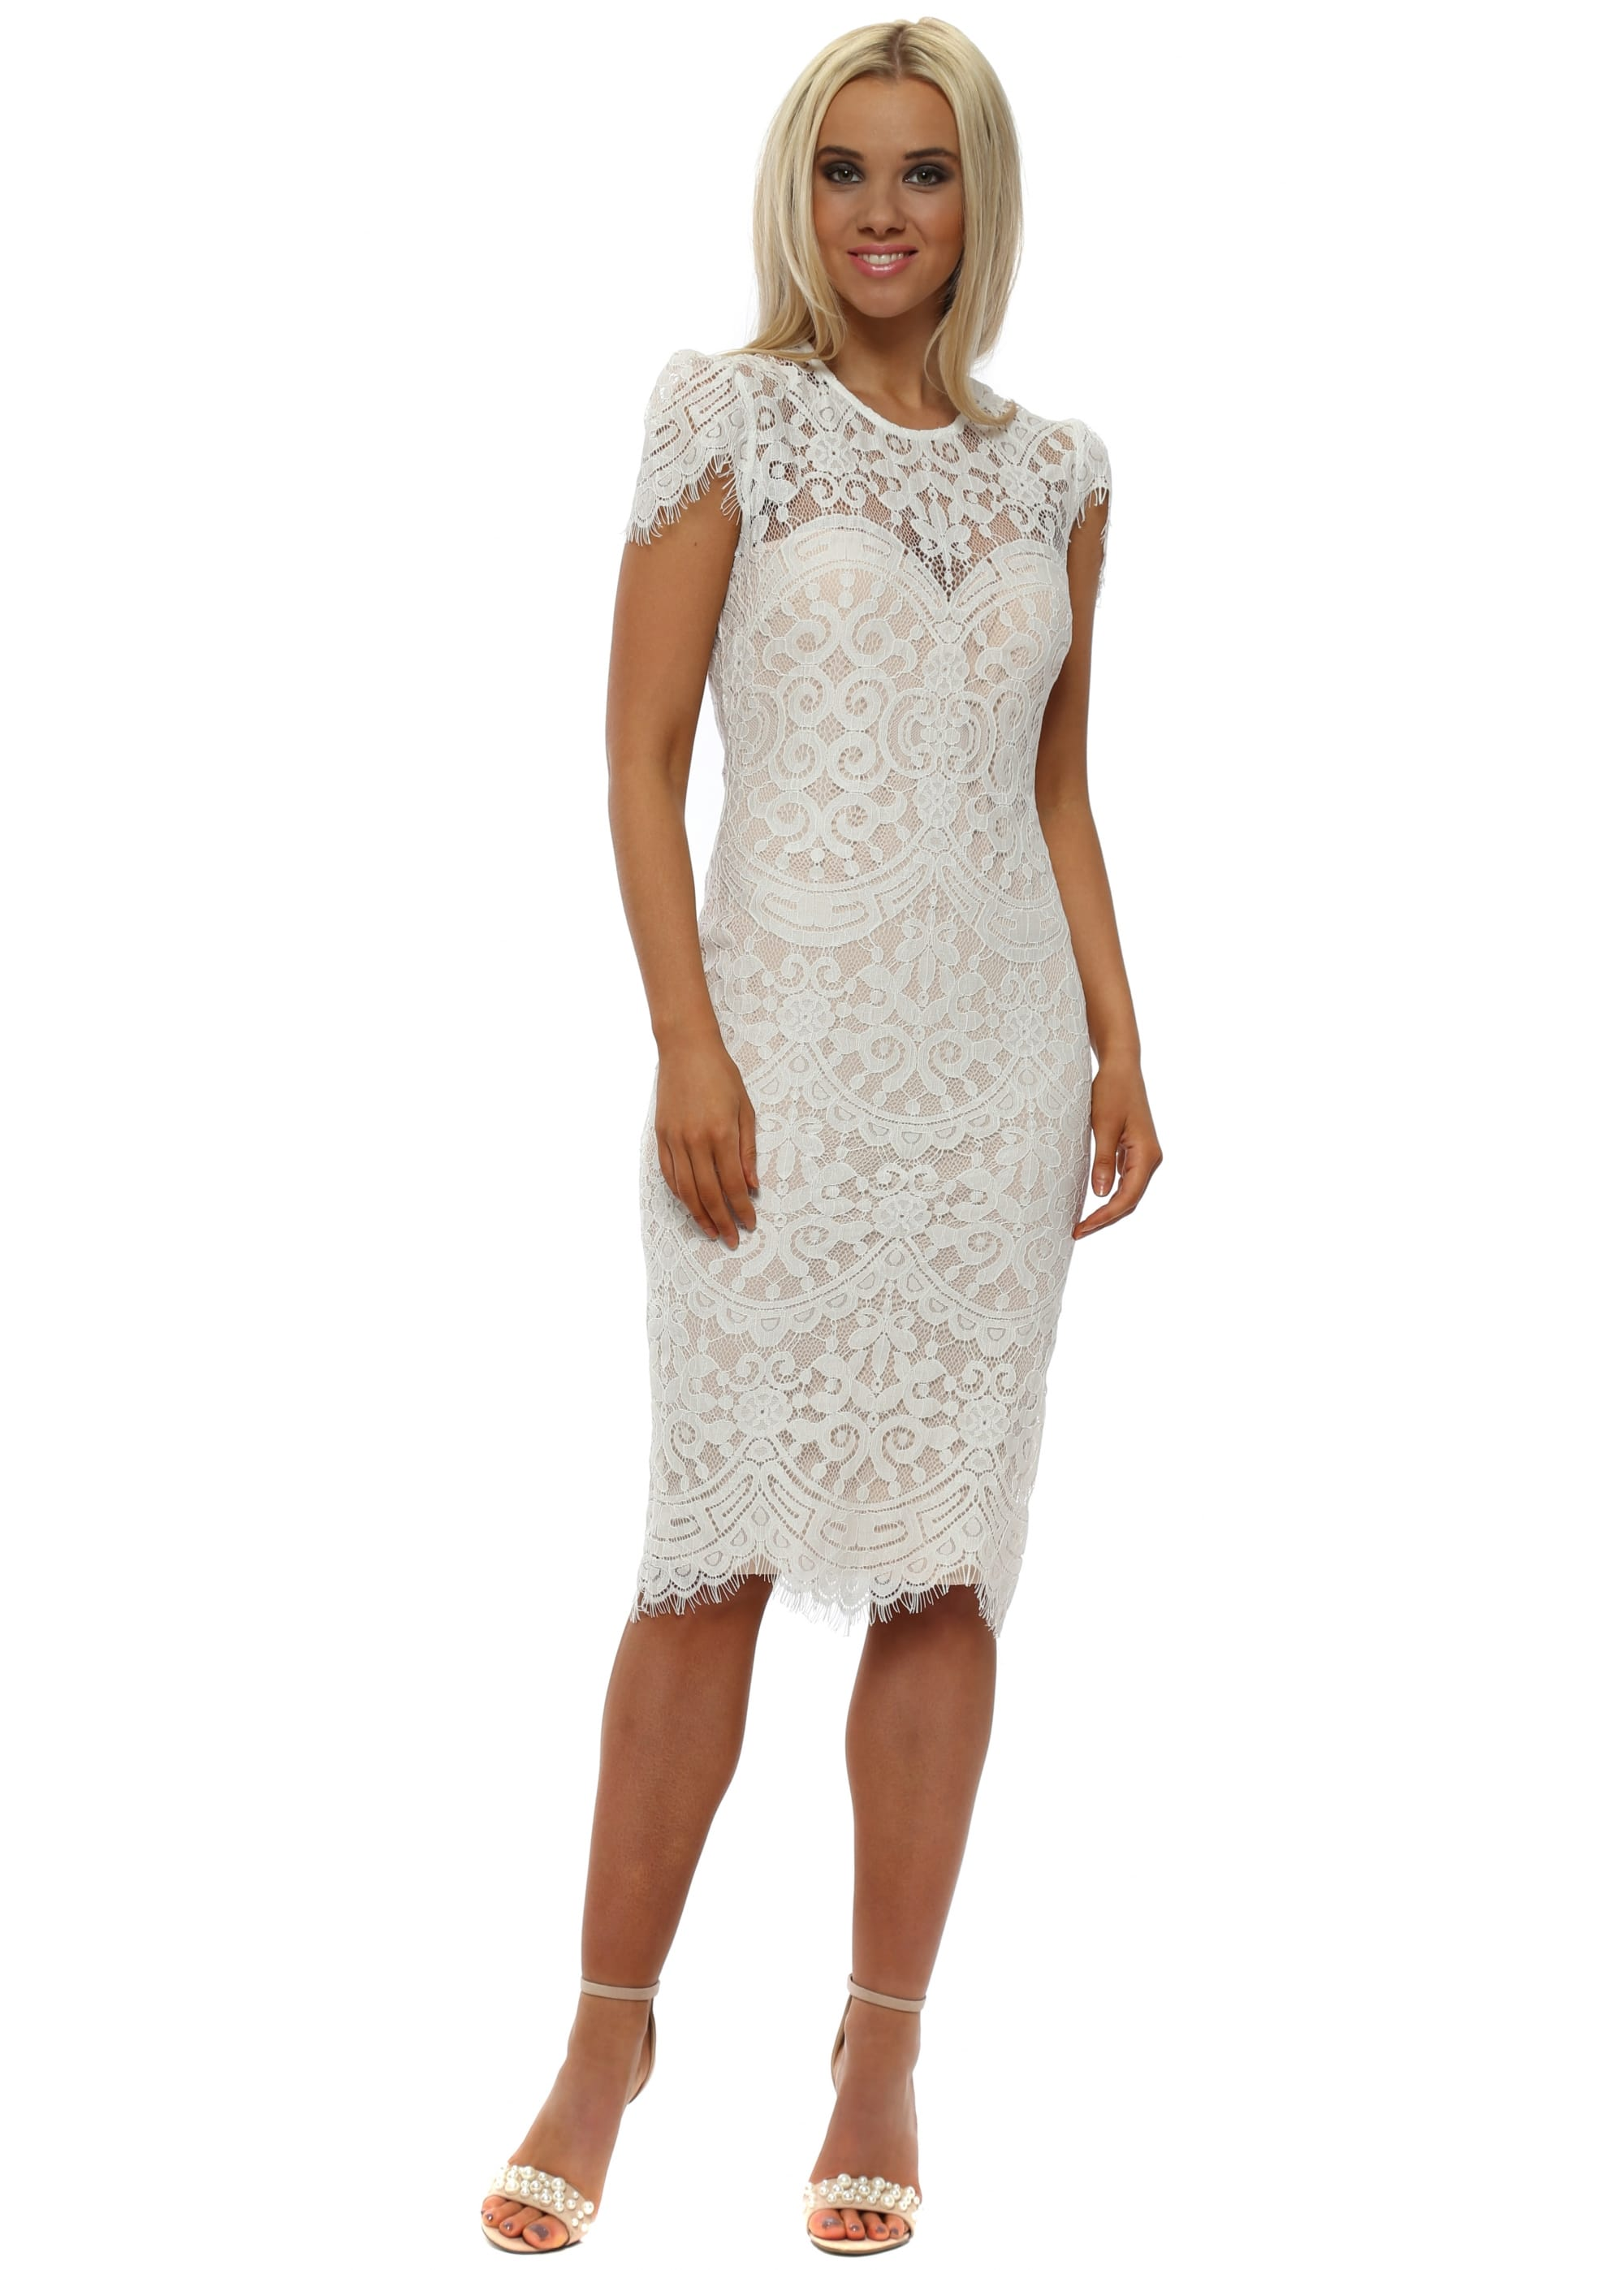 851304a0a406 Goddess London White Lace Midi Dress